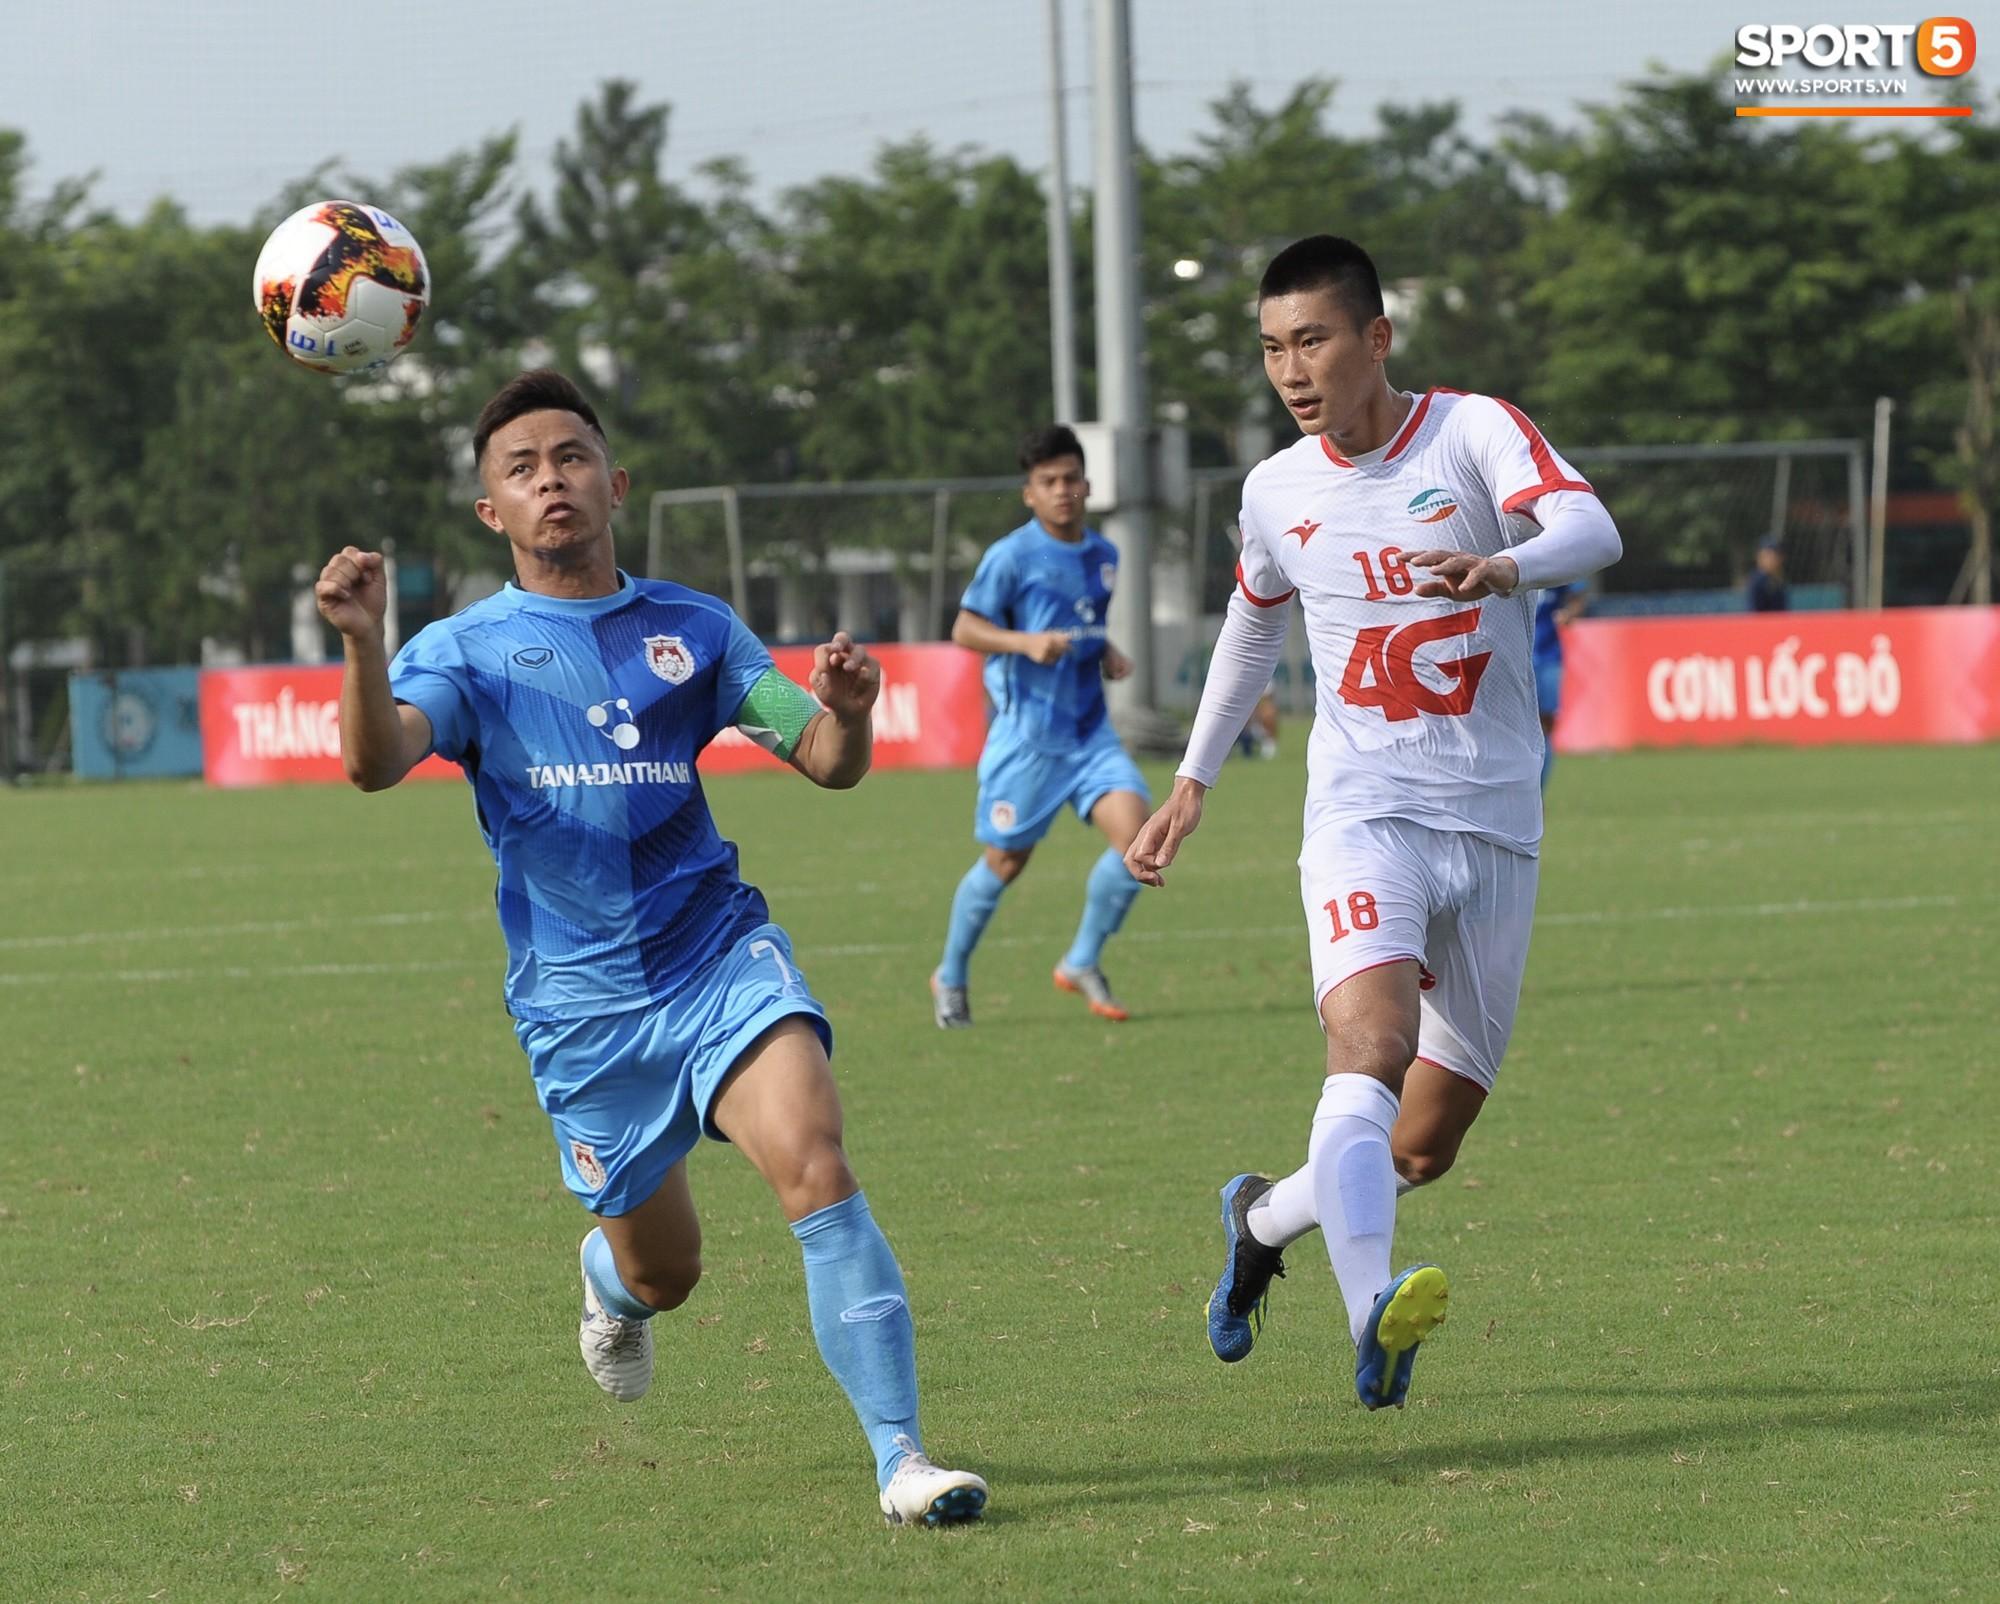 Sao trẻ U23 lập công, Viettel để Phố Hiến cầm hòa 1-1 trong ngày khai mạc giải U21 Quốc gia - Ảnh 2.